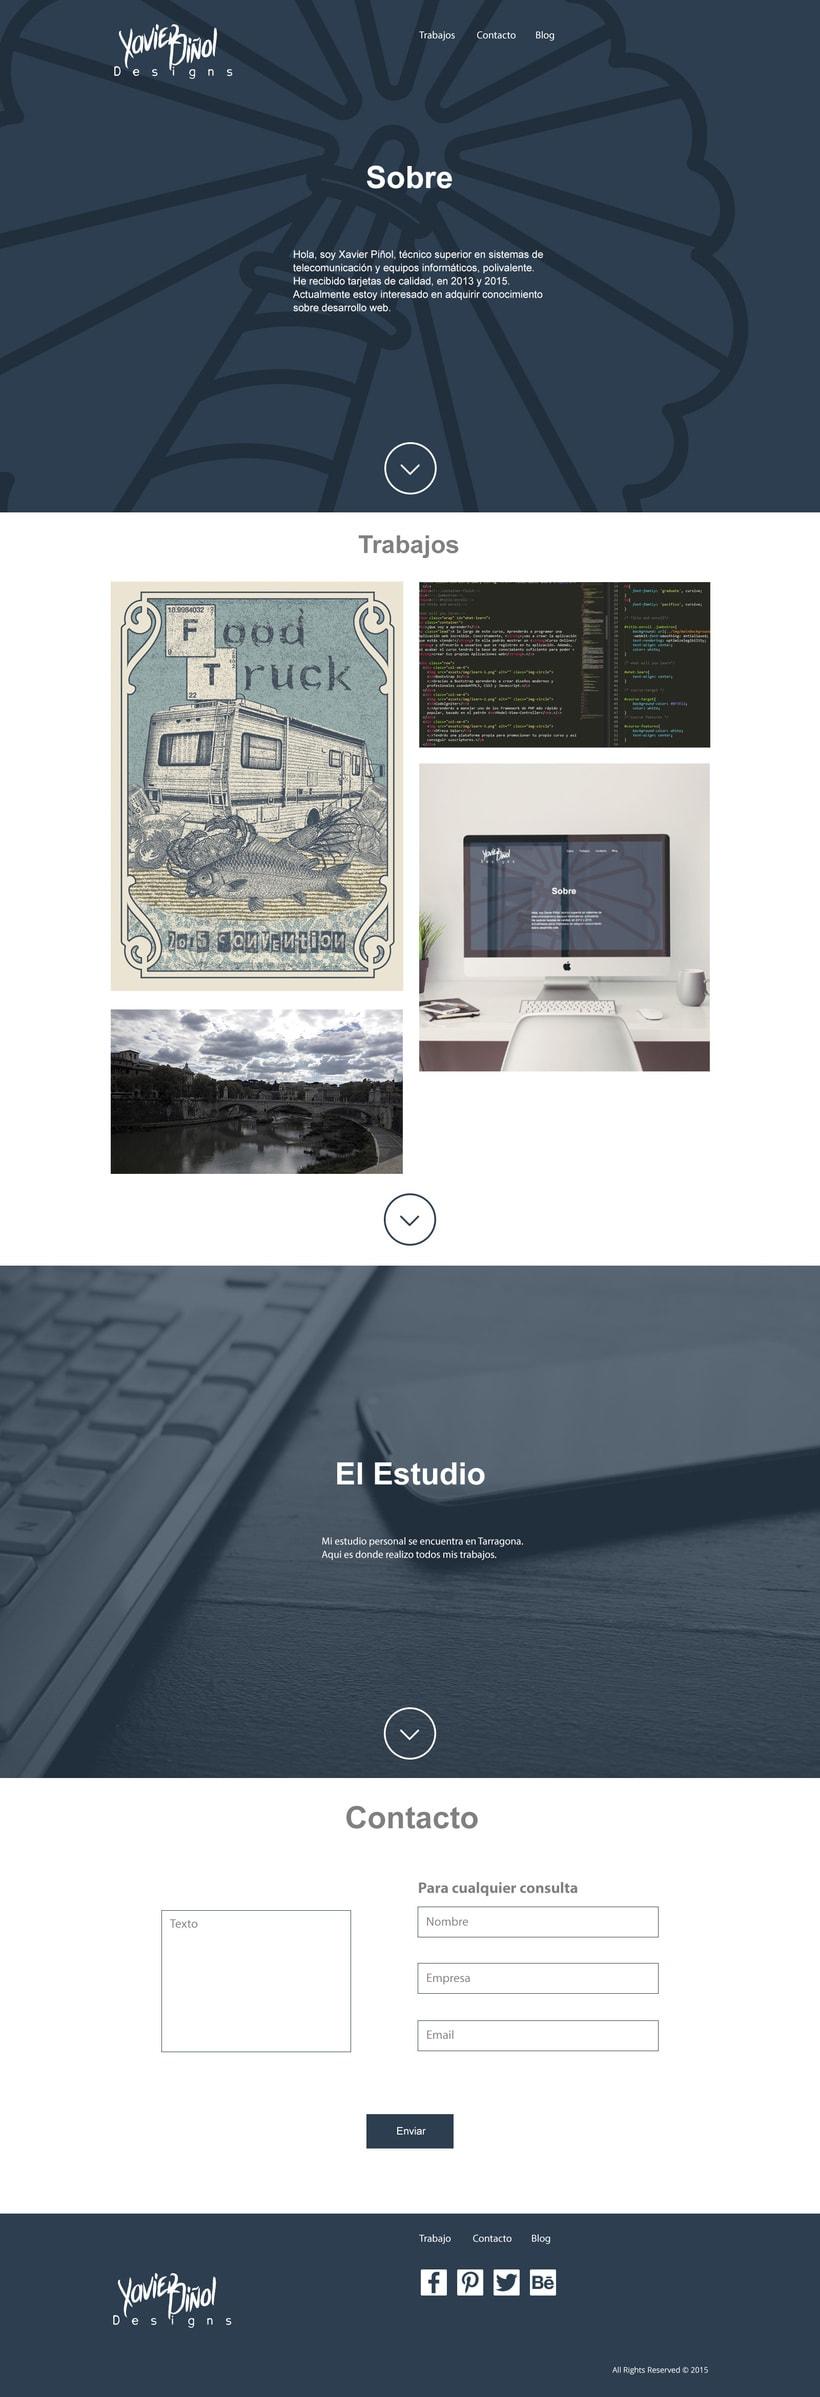 Mi Proyecto del curso Diseño web: Be Responsive! 11